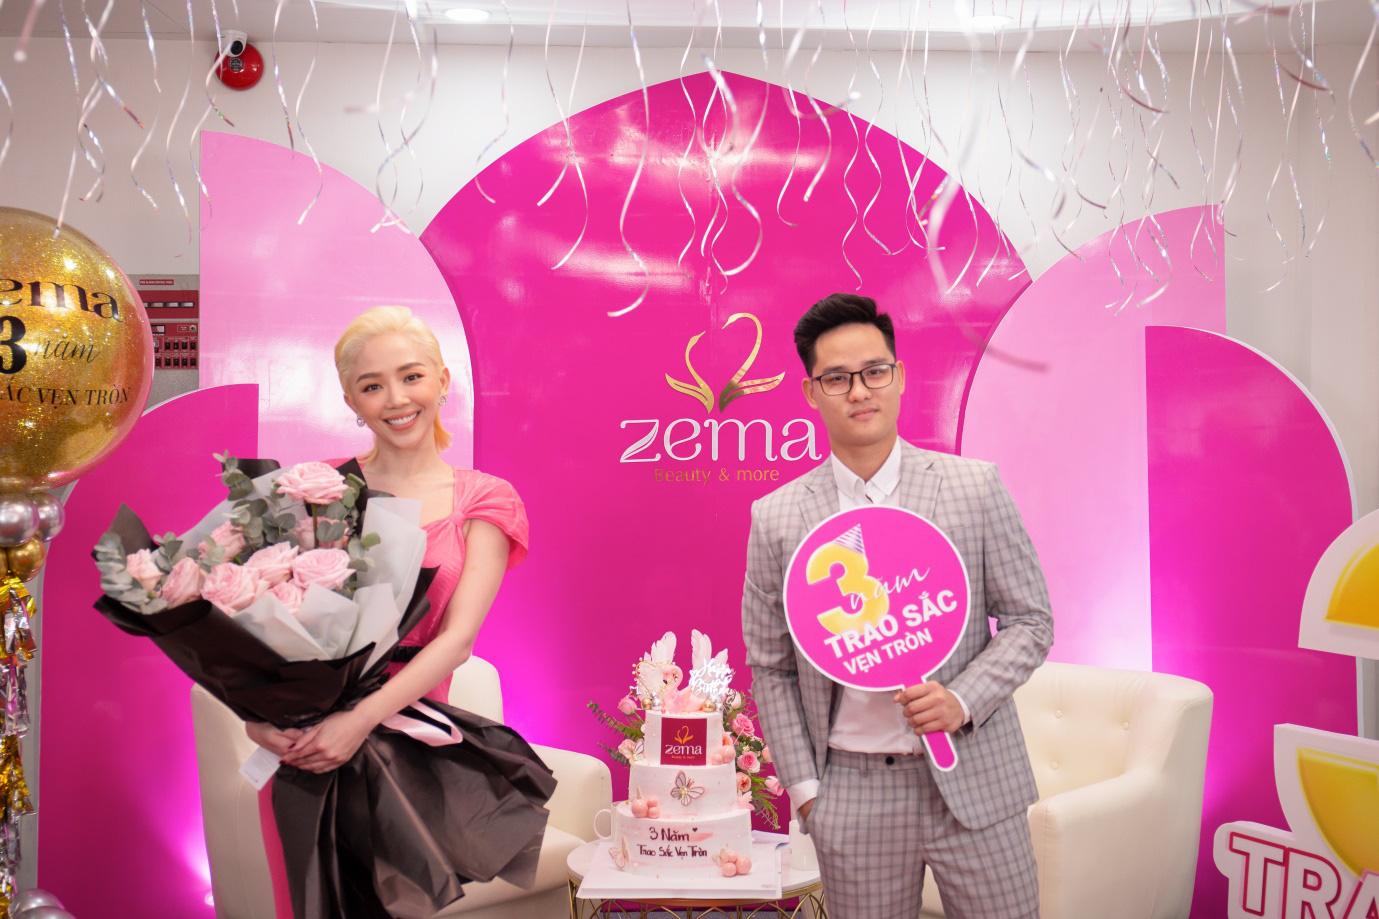 Chọn phi thường thay vì bình thường, đây là cách Zema trao sắc vẹn tròn cho phái đẹp suốt 3 năm qua - Ảnh 2.